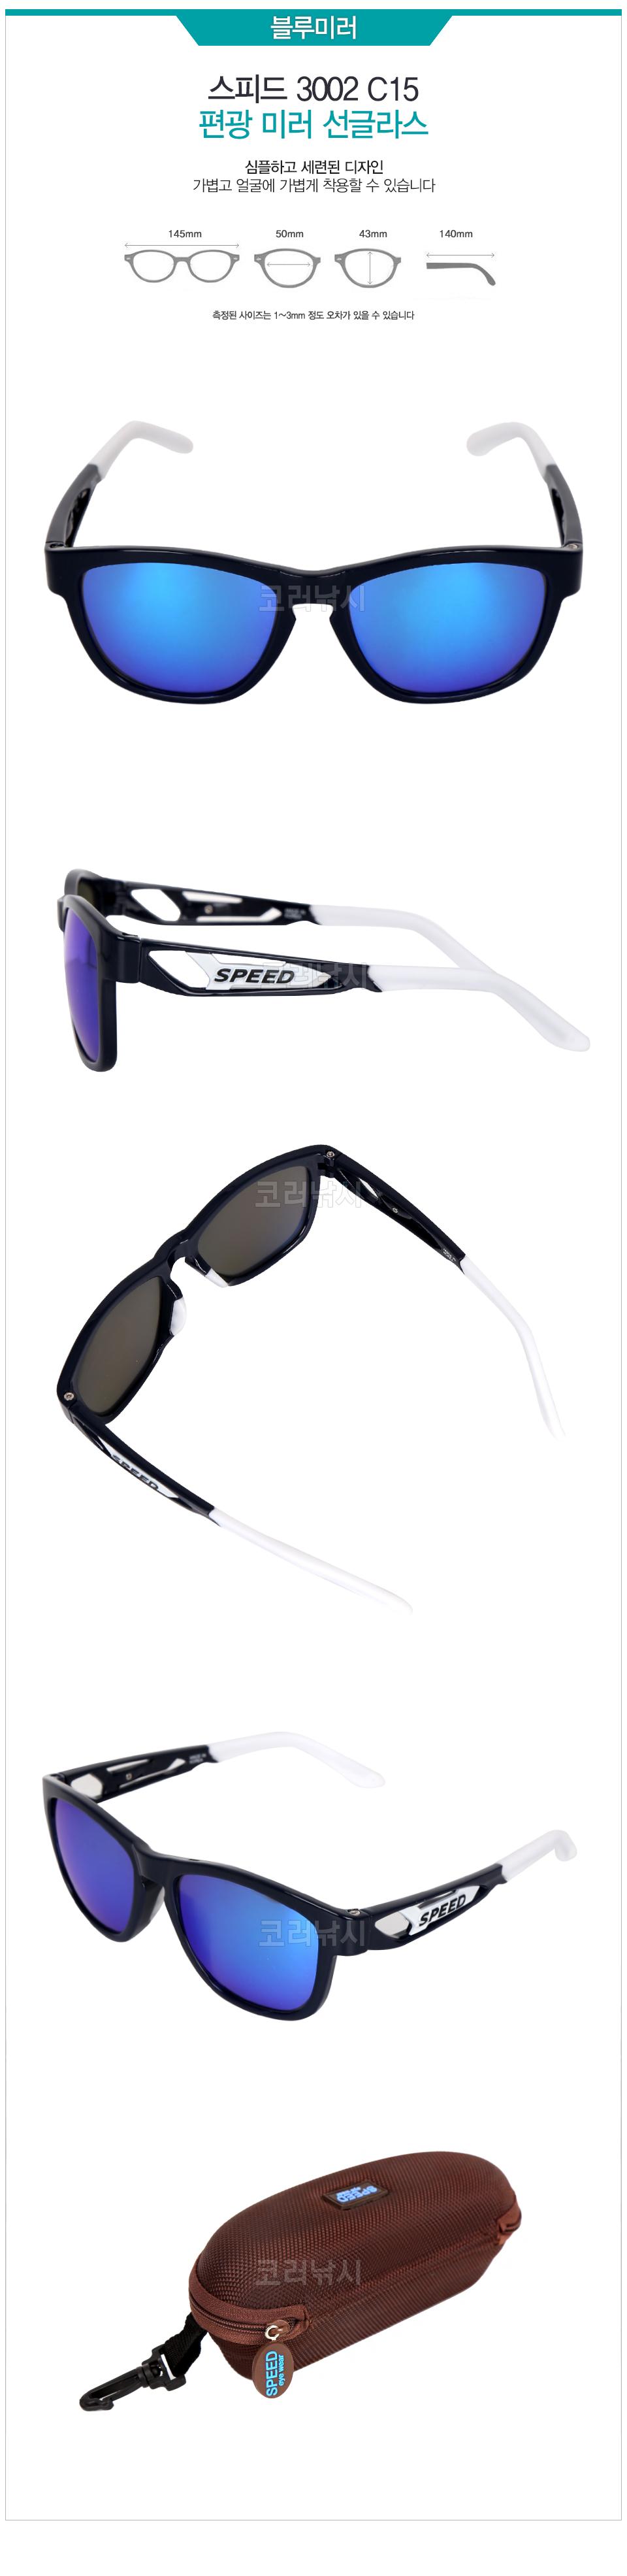 스피드 편광 미러선글라스 3002 C11 (MADE IN KOREA)  스피드썬글라스 SPEED 편광선글라스 미러선글라스